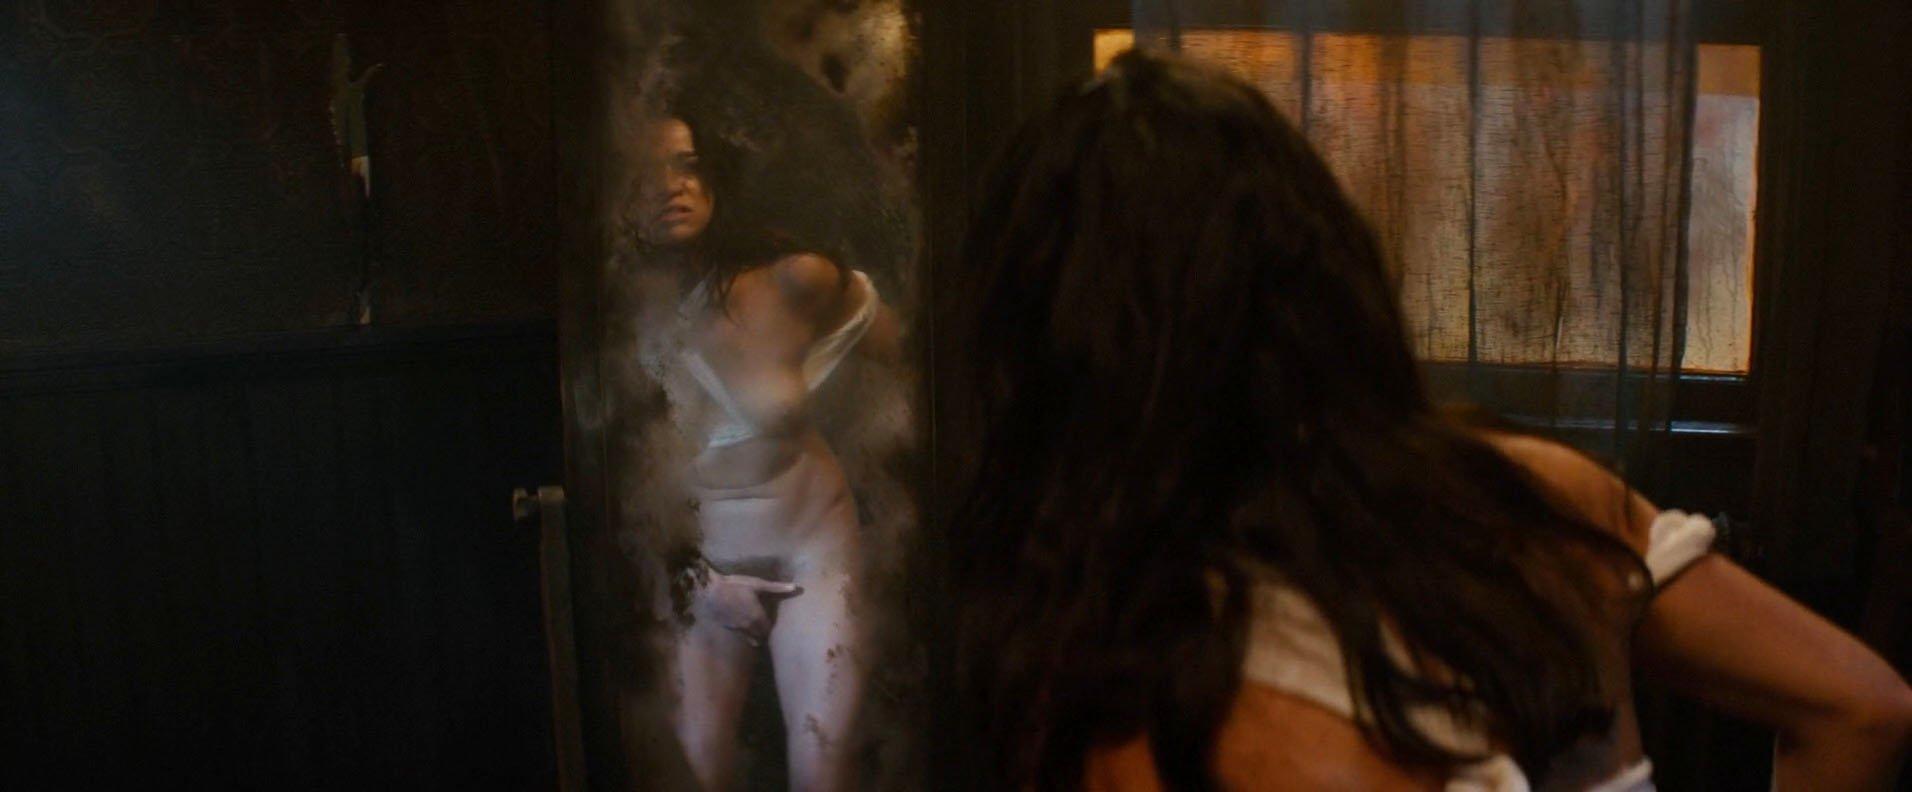 michelle rodriguez sex scene nude